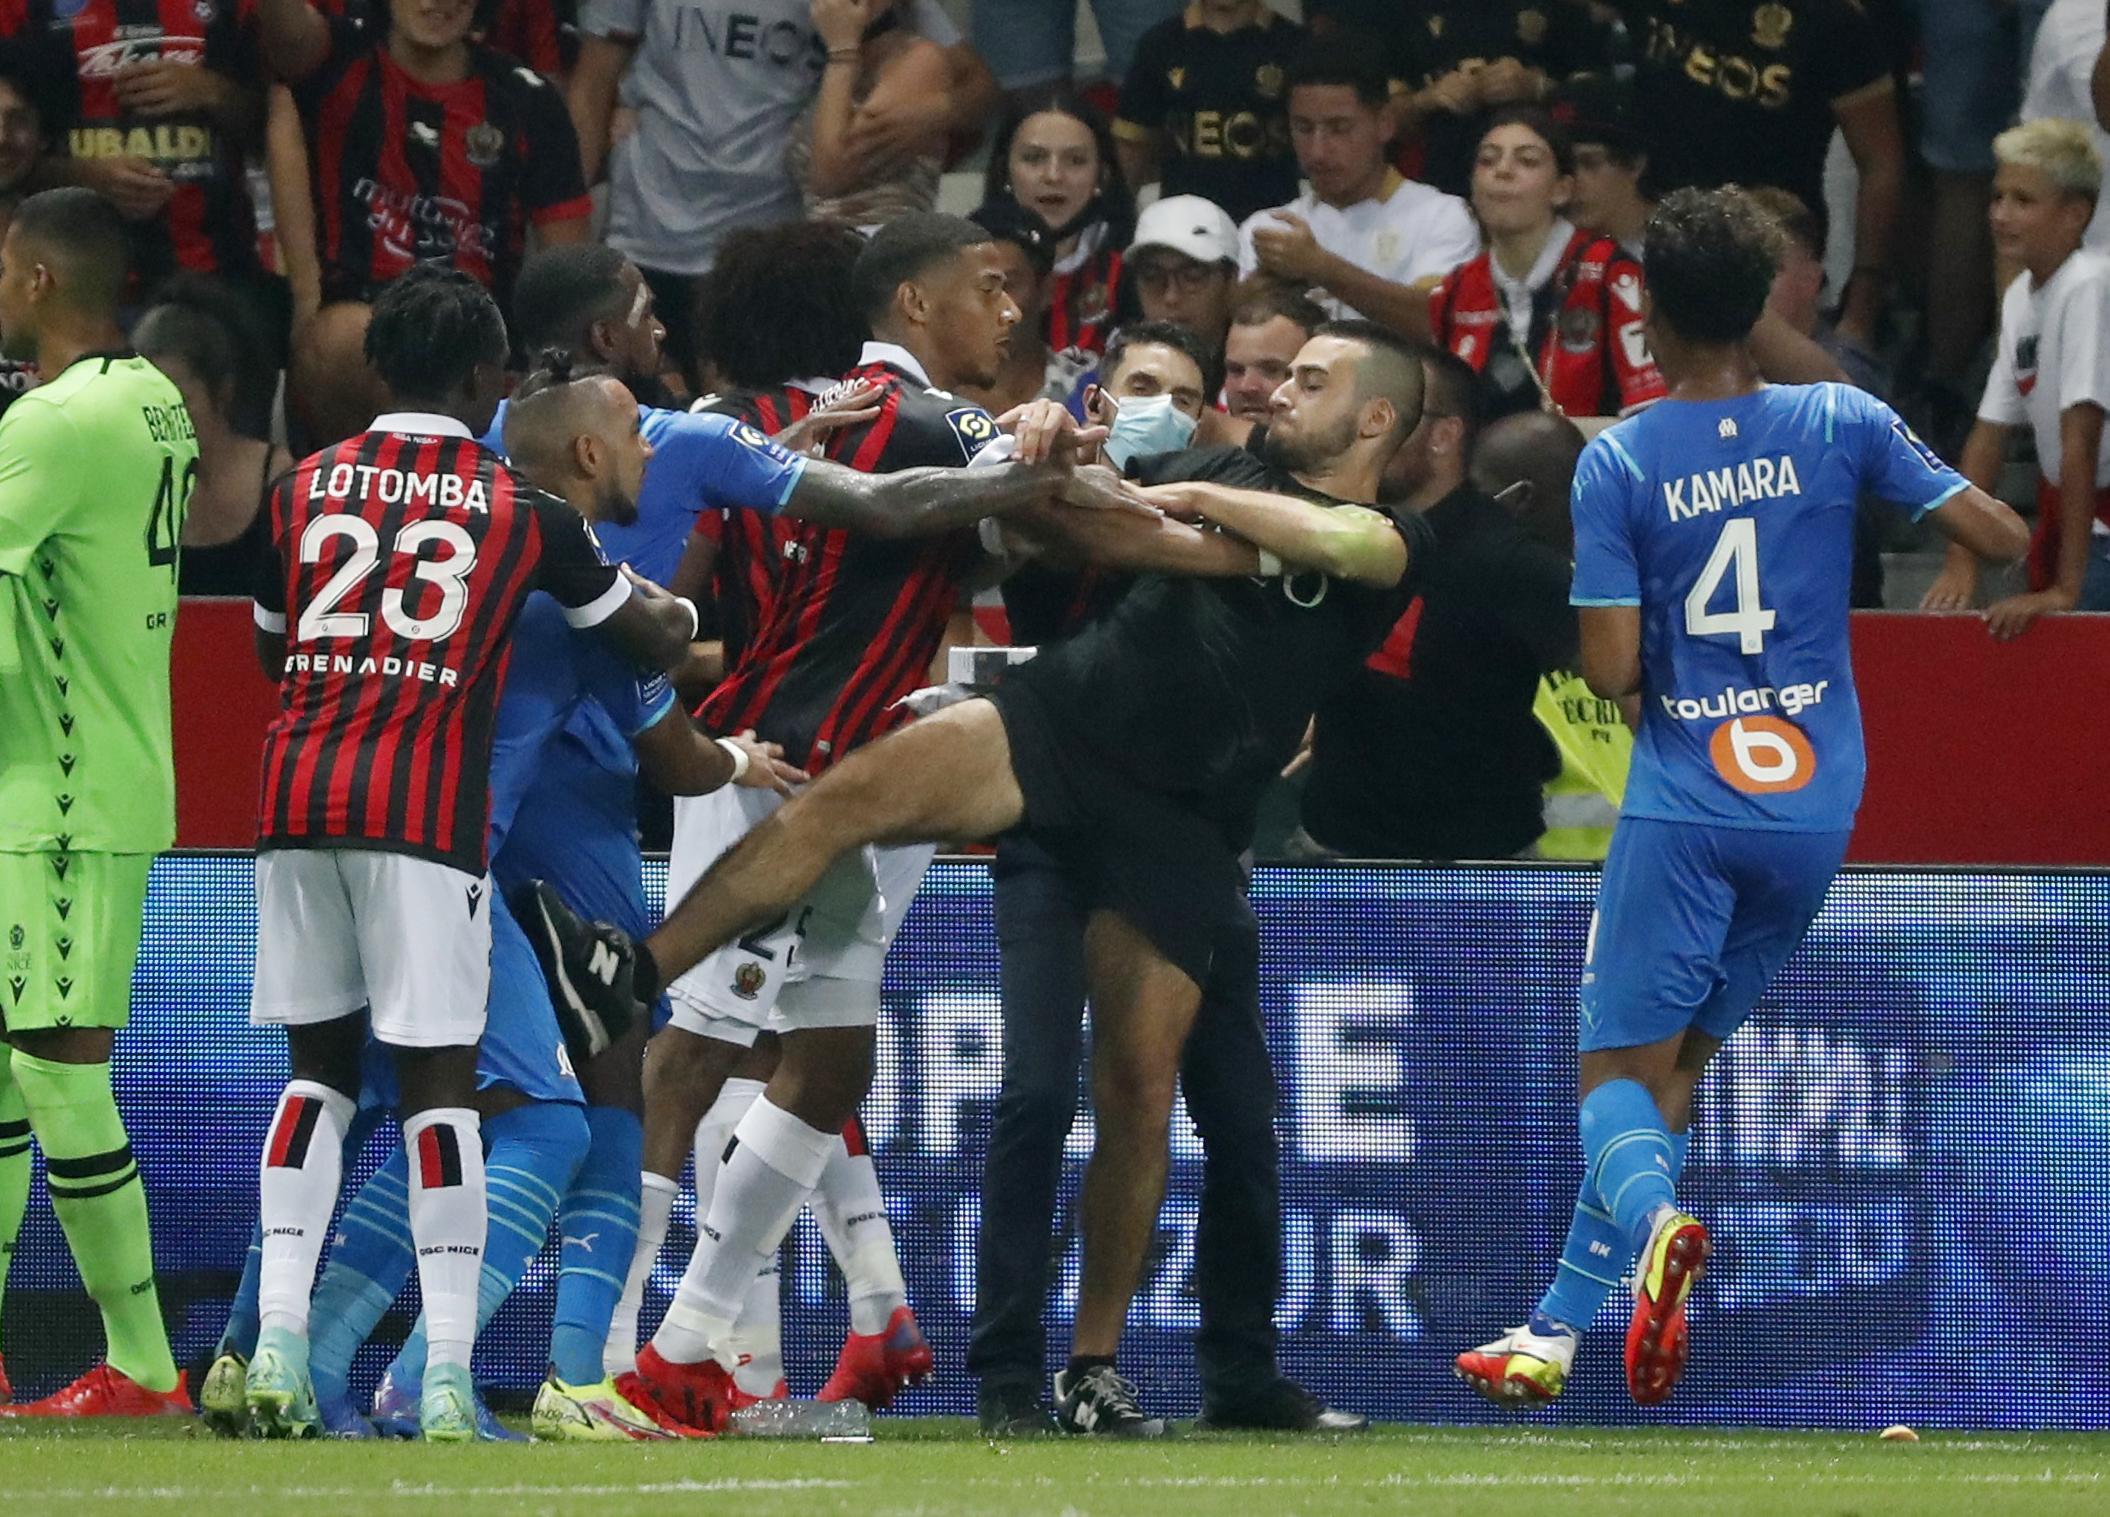 Τρεις ποδοσφαιριστές της Μαρσέιγ τραυματίες από το ντου των οπαδών της Νις